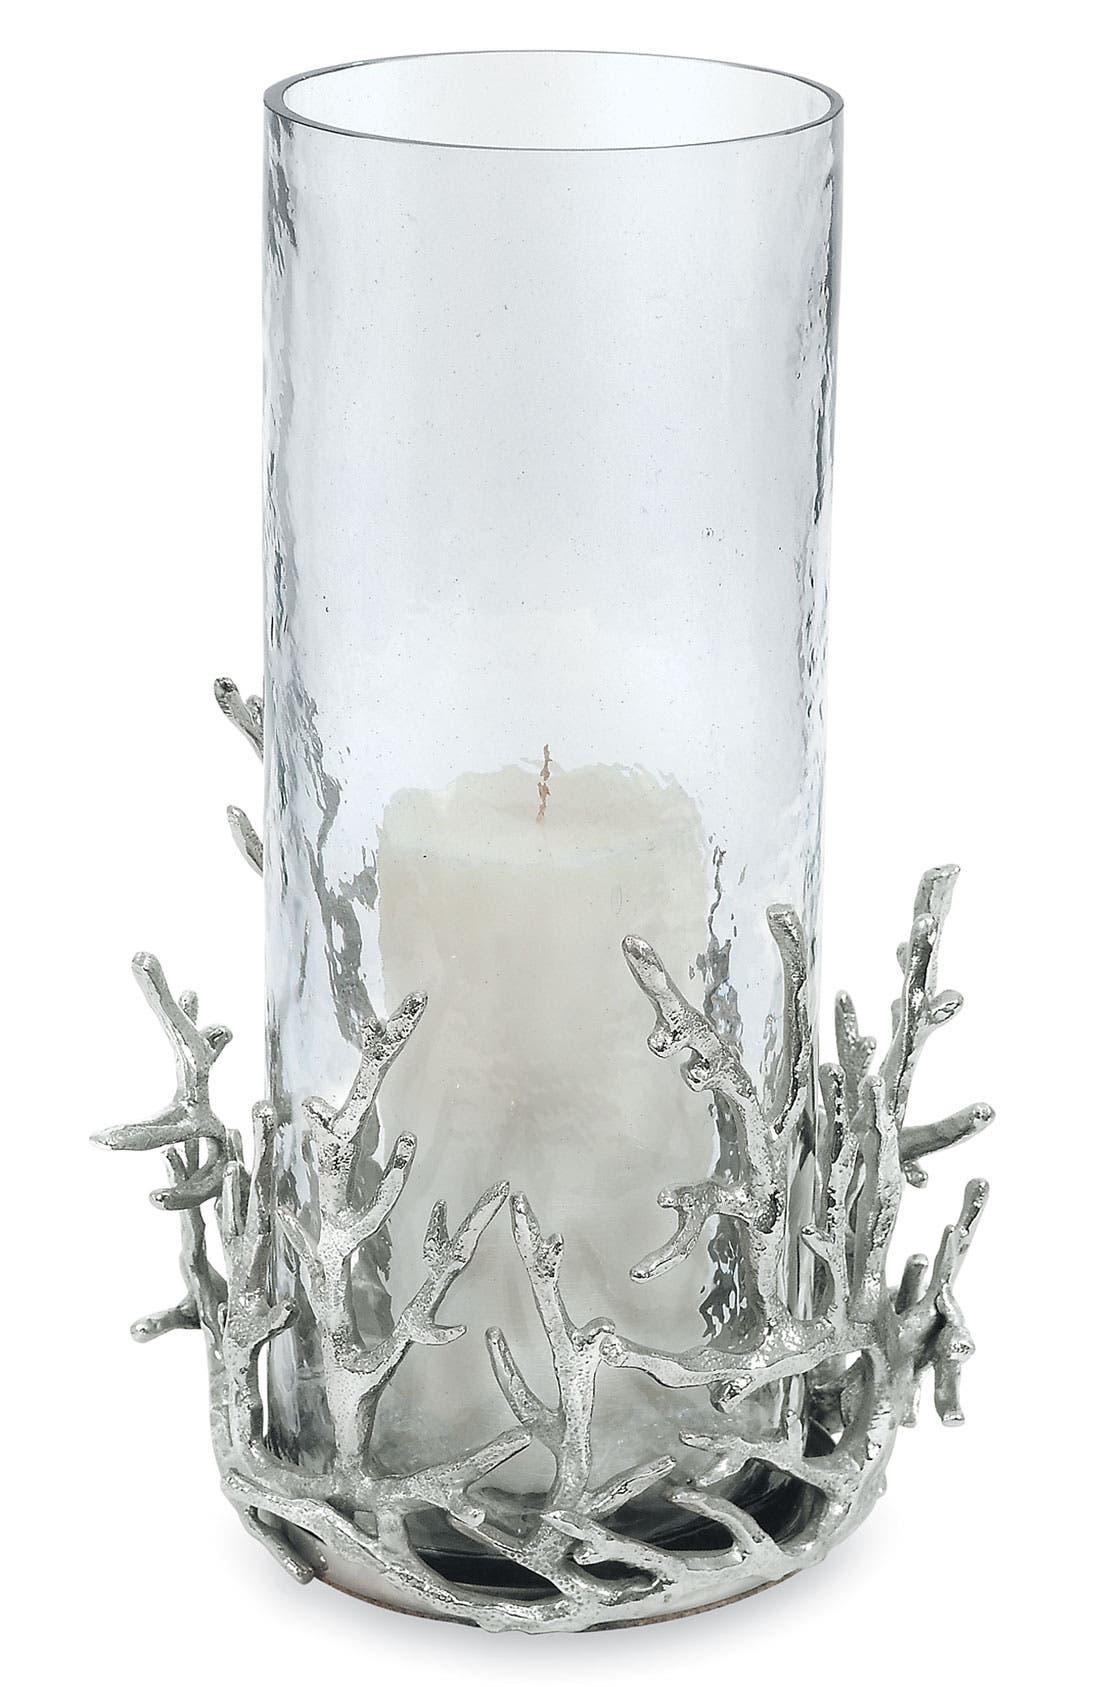 Alternate Image 1 Selected - Michael Aram 'Ocean Coral' Hurricane Vase